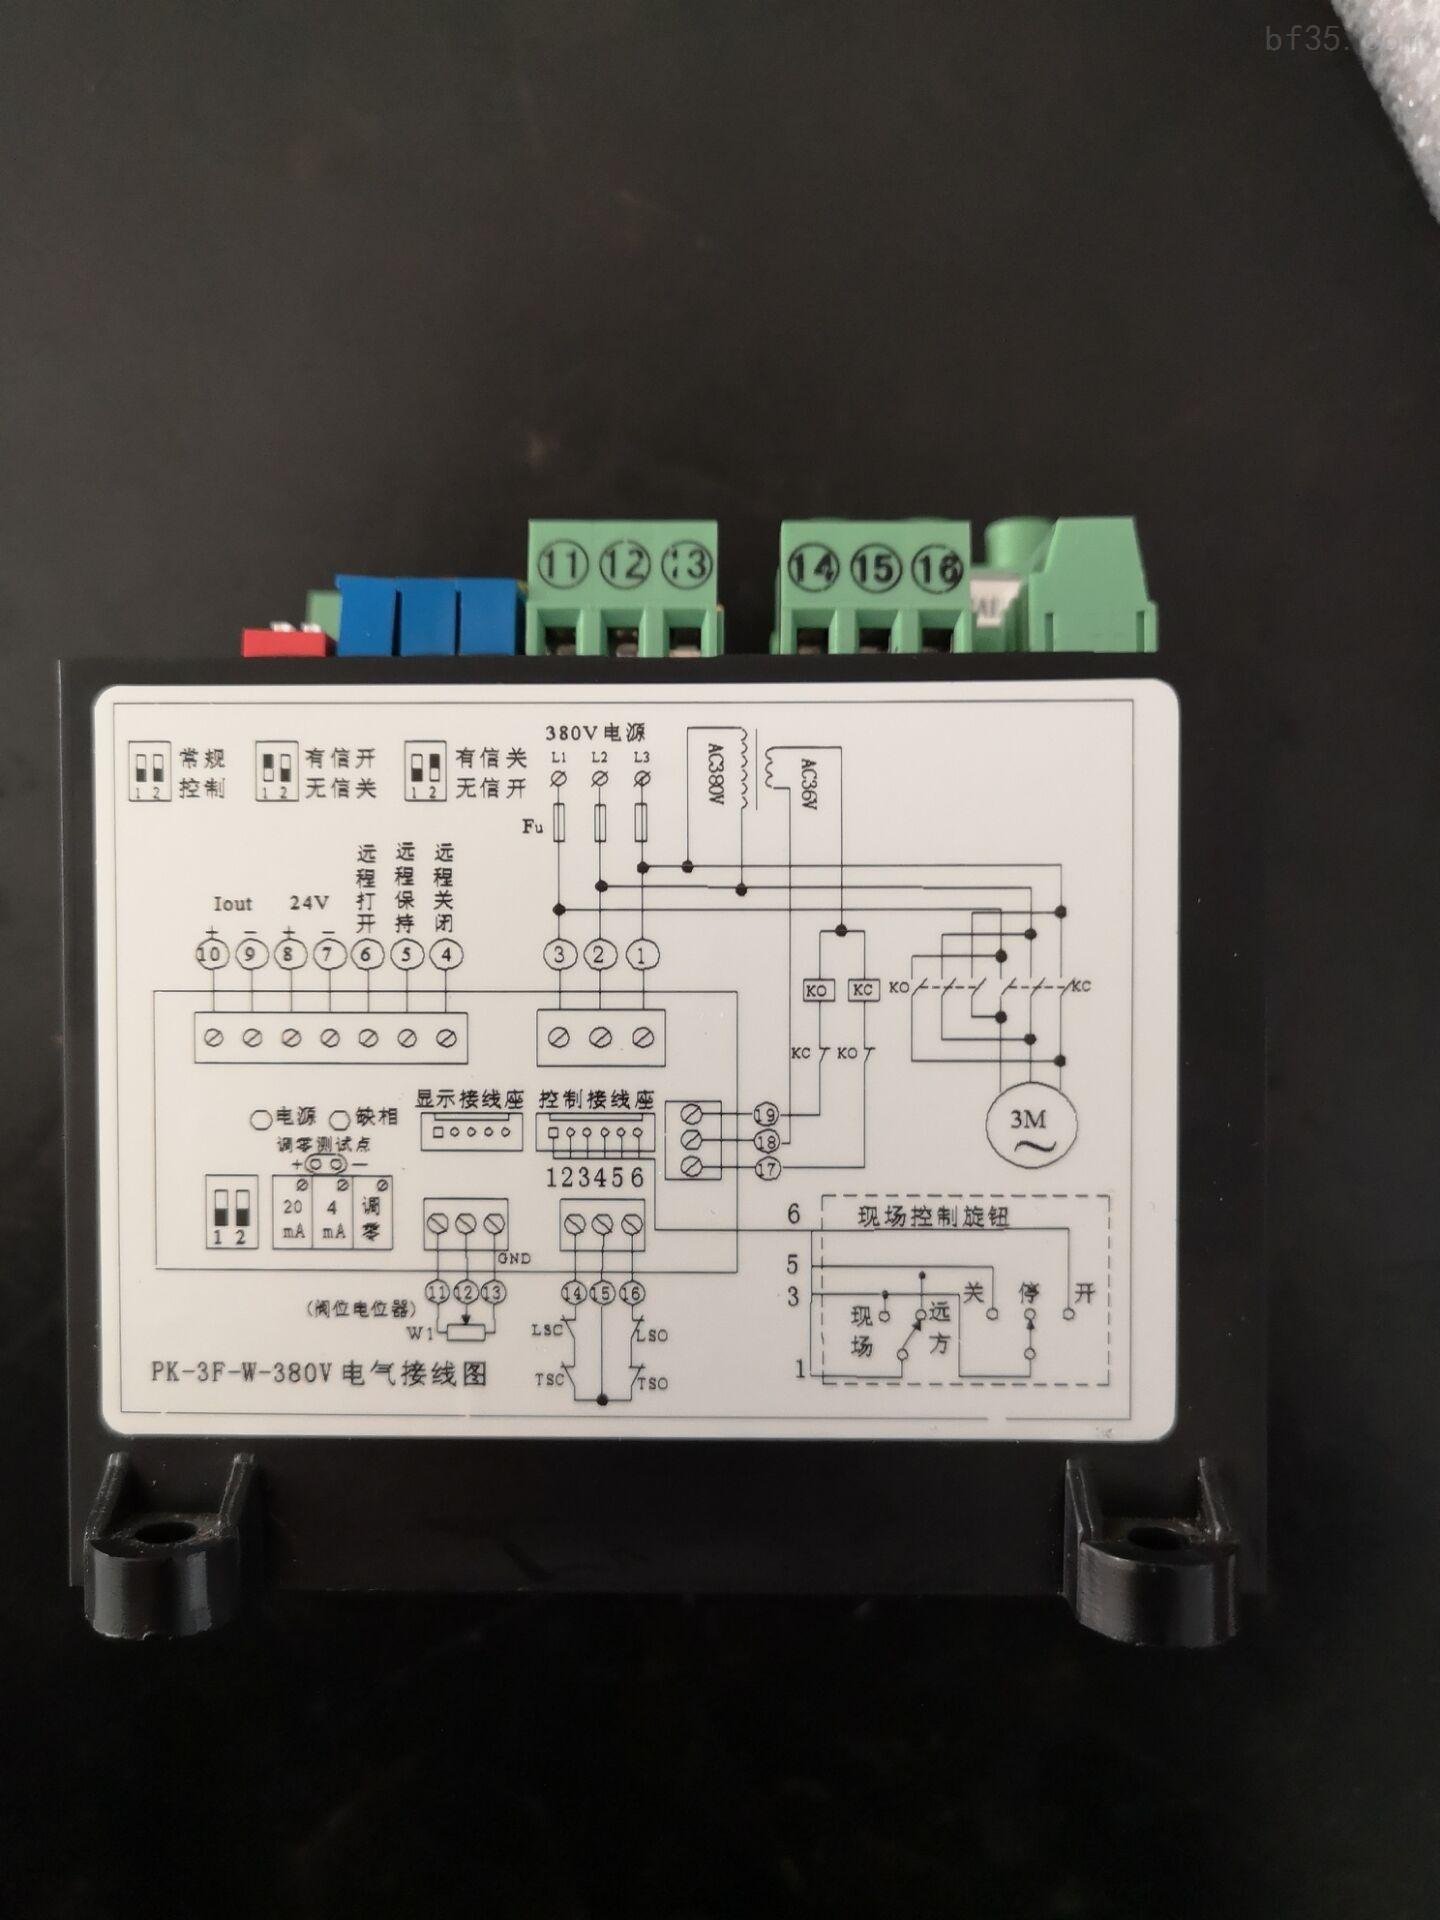 煤安执行器专用控制模块PK-3F-W-660V